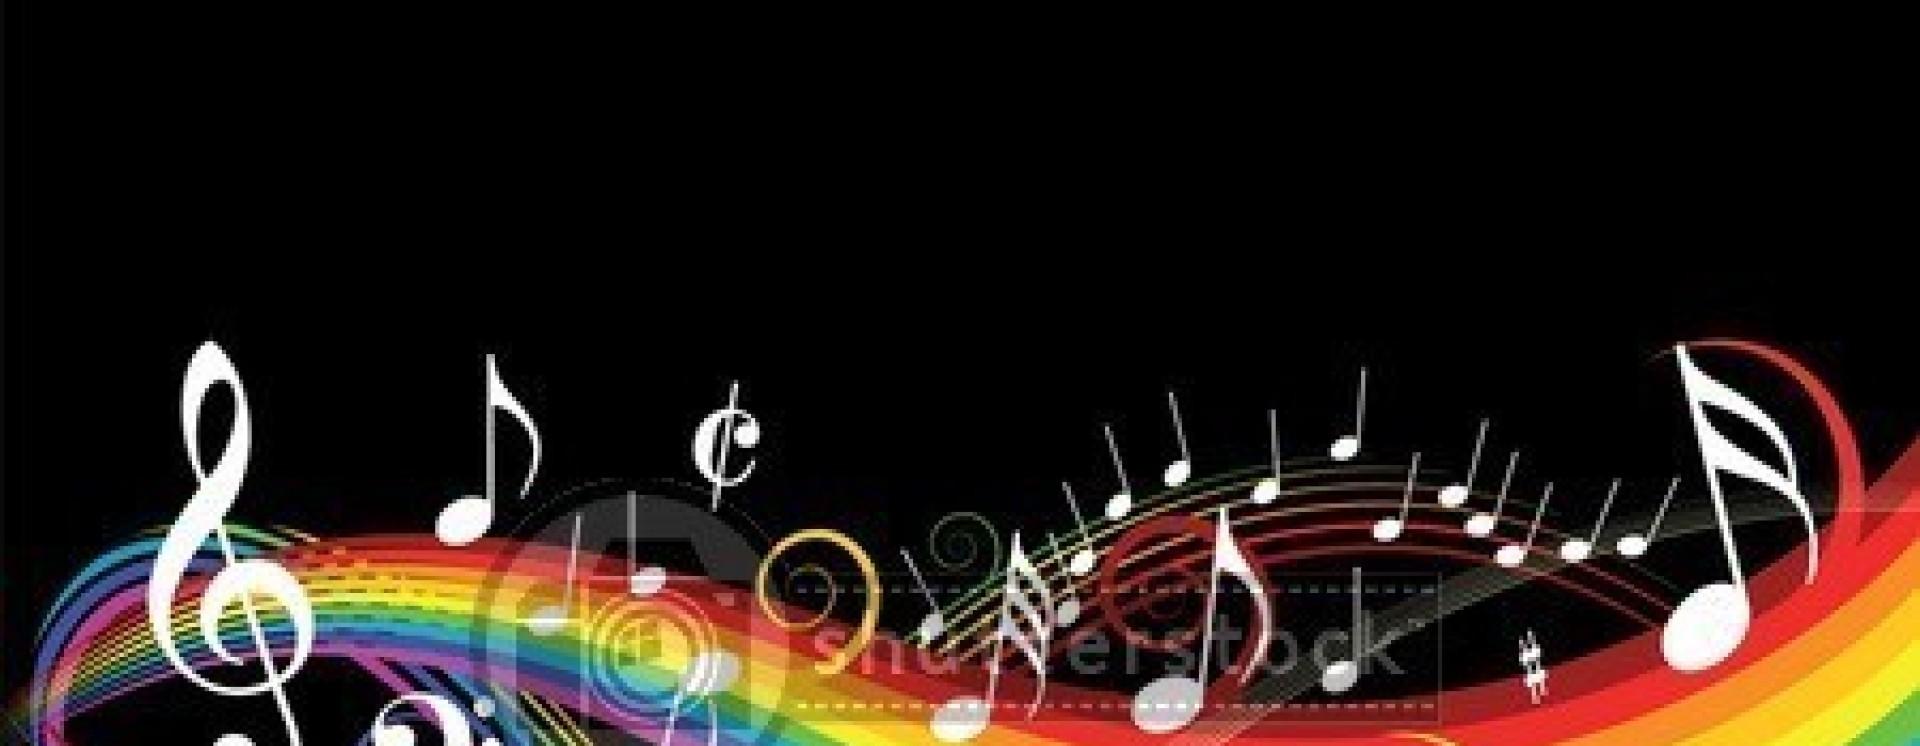 1350609134 music 1  copy